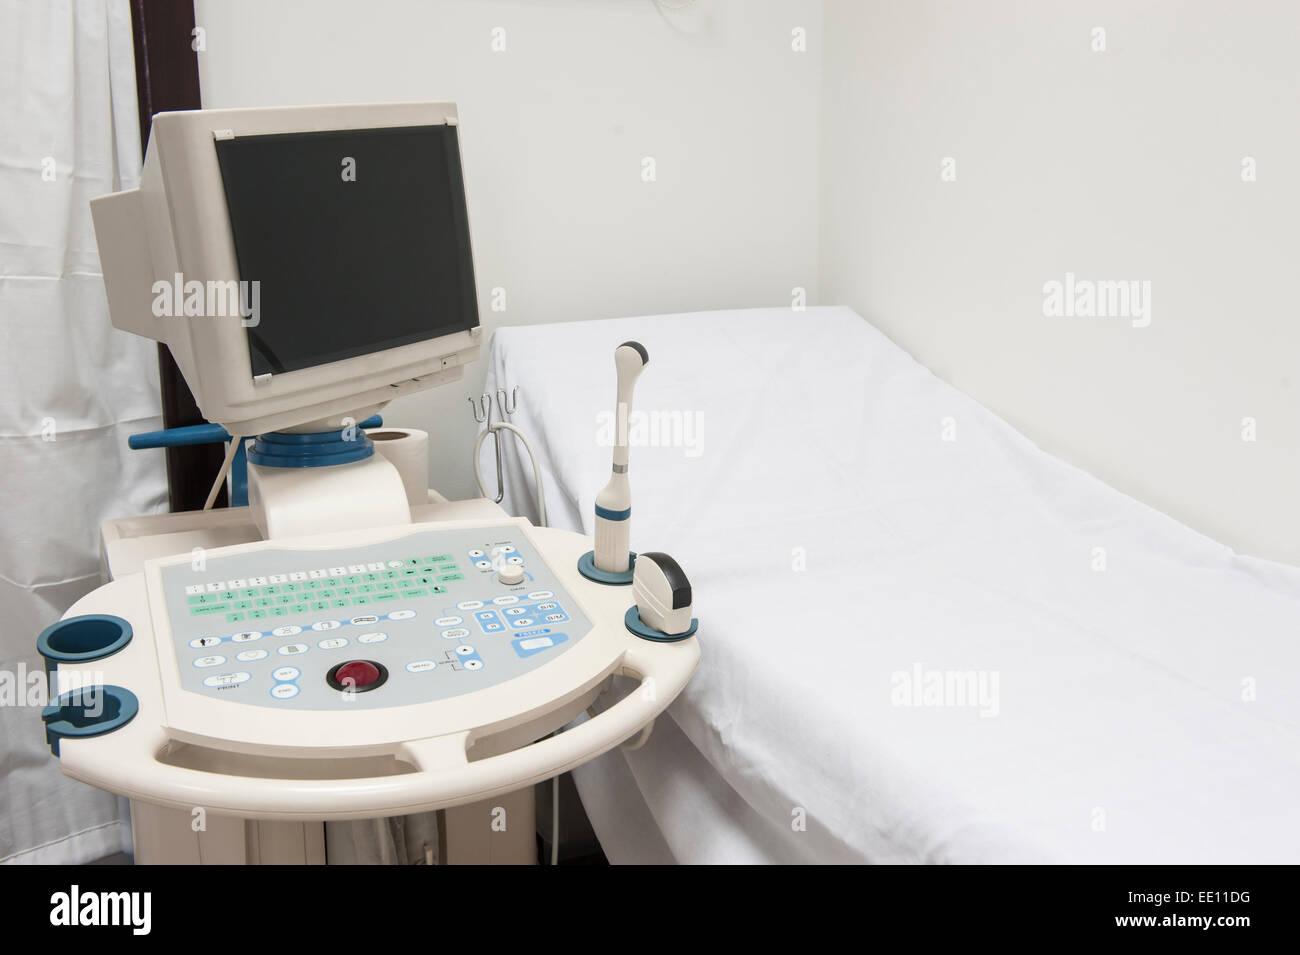 Lit d'examen avec l'échographe machine dans medical center hospital Photo Stock